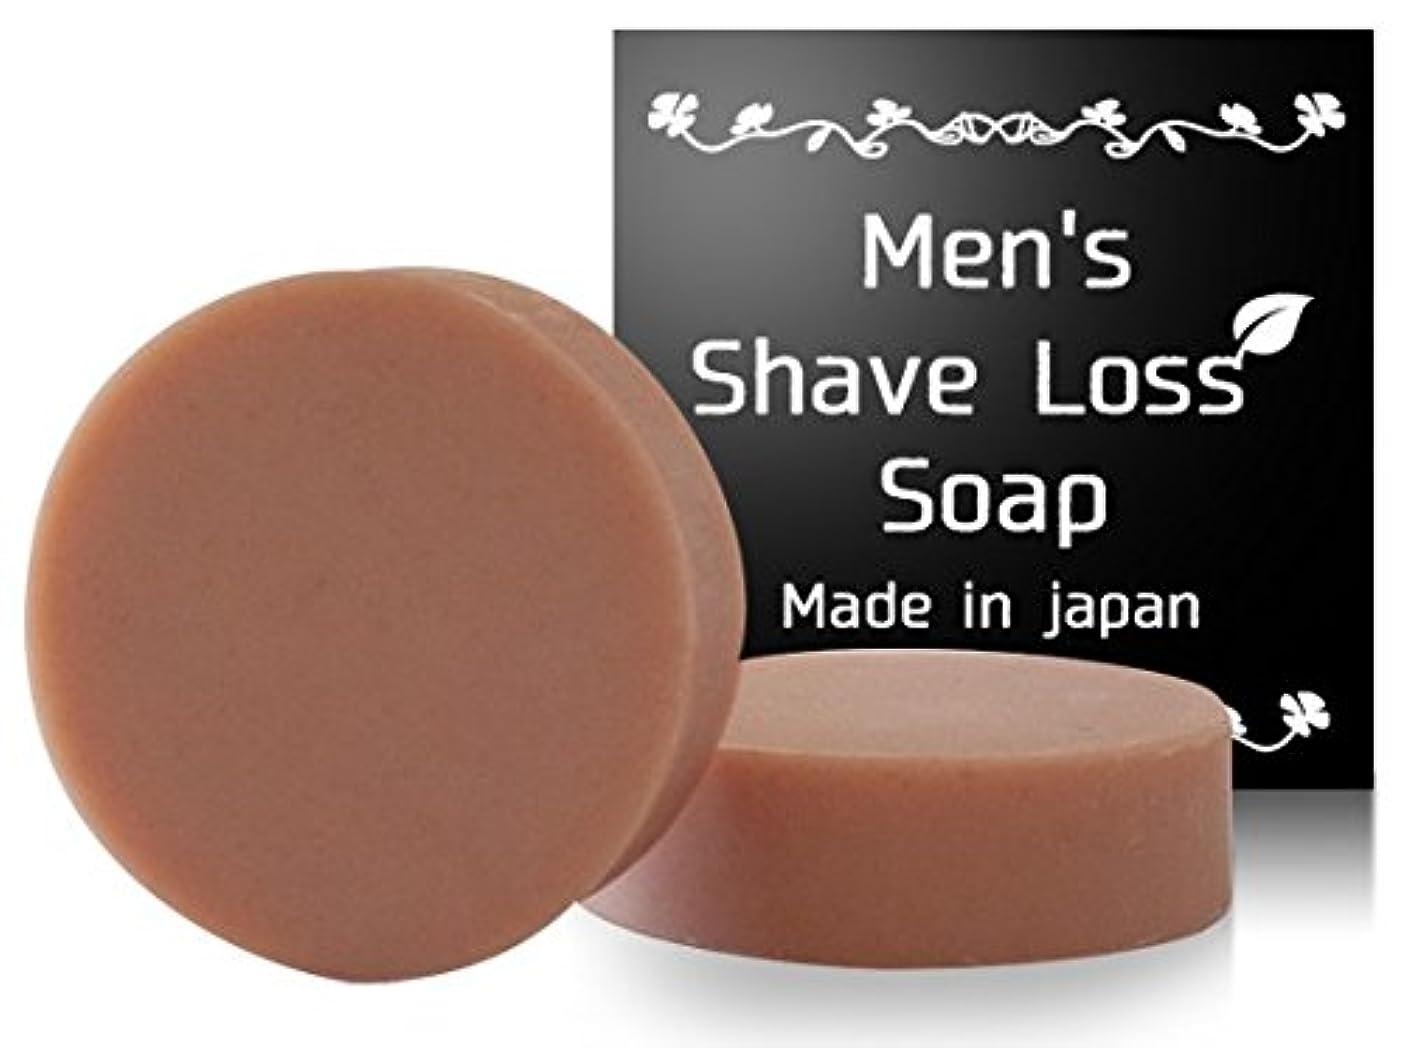 化合物私たち自身実質的Mens Shave Loss Soap シェーブロス 剛毛は嫌!ツルツル過ぎも嫌! そんな夢を叶えた奇跡の石鹸! 【男性専用】(1個)